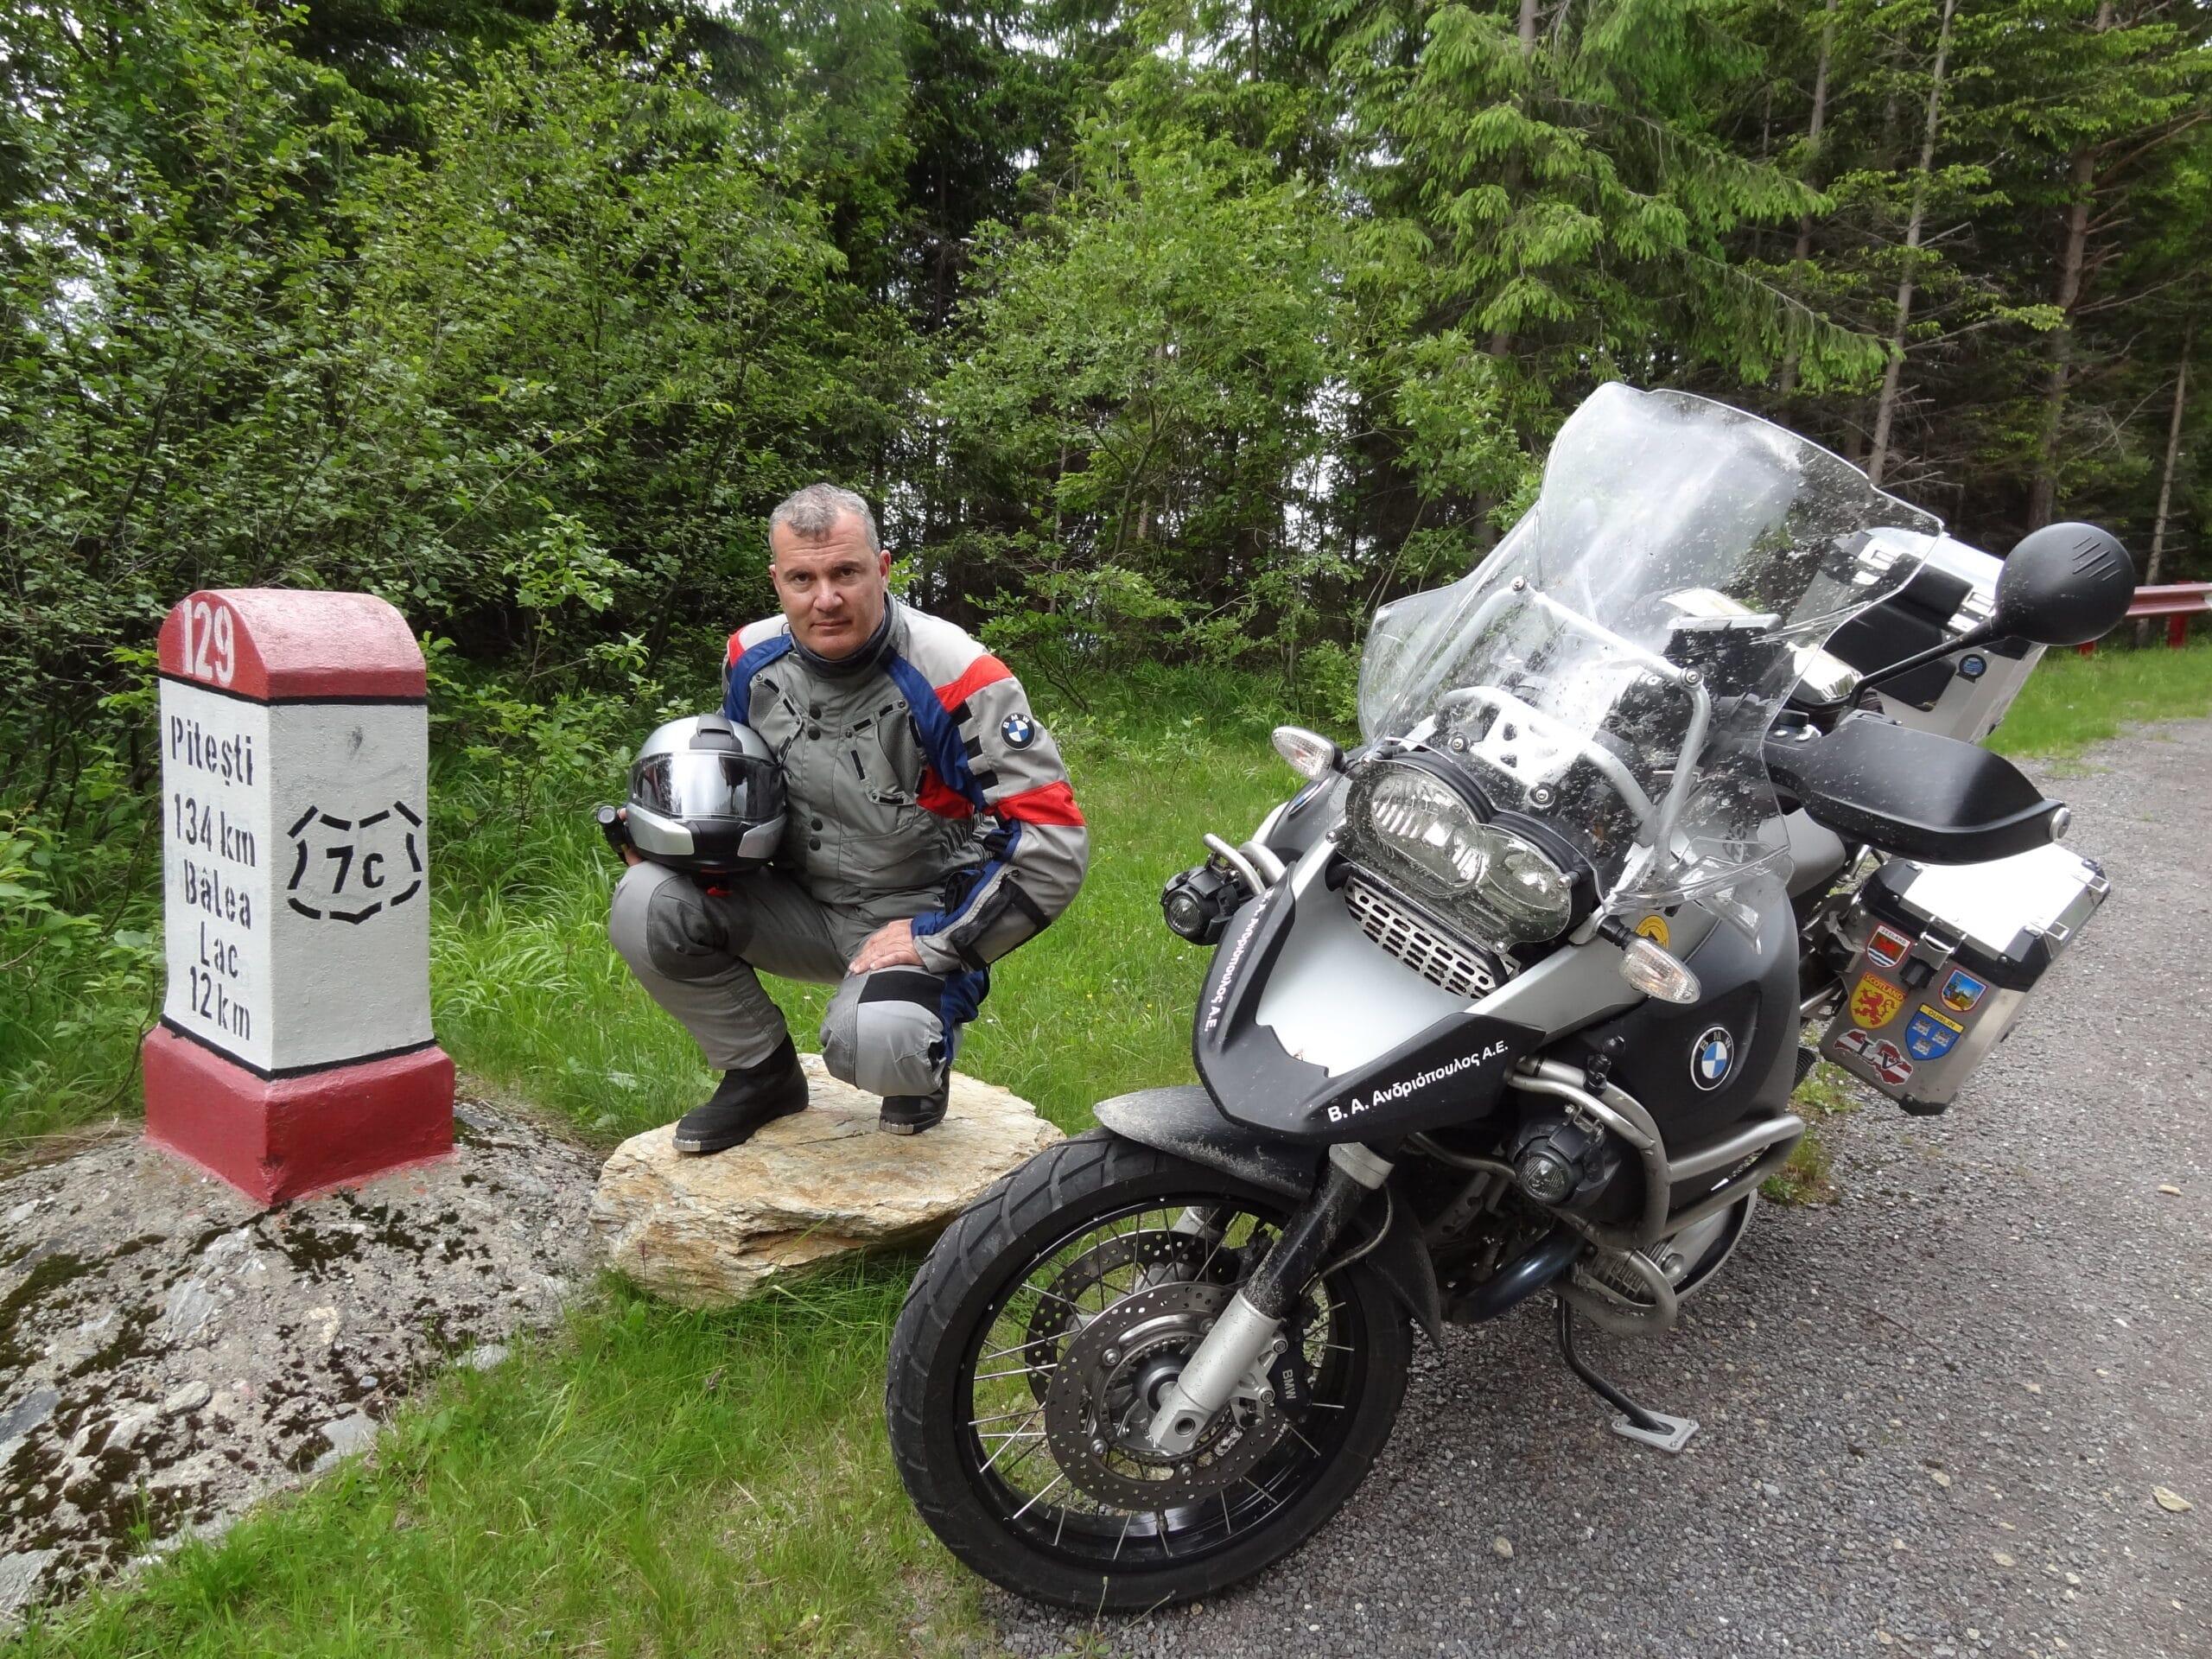 Ο Πατρινός Θανάσης Βαβαρούτας ταξίδεψε 7.700 χιλιόμετρα στην Ευρώπη, με μόνη παρέα τη μηχανή του - ΦΩΤΟ ΒΙΝΤΕΟ